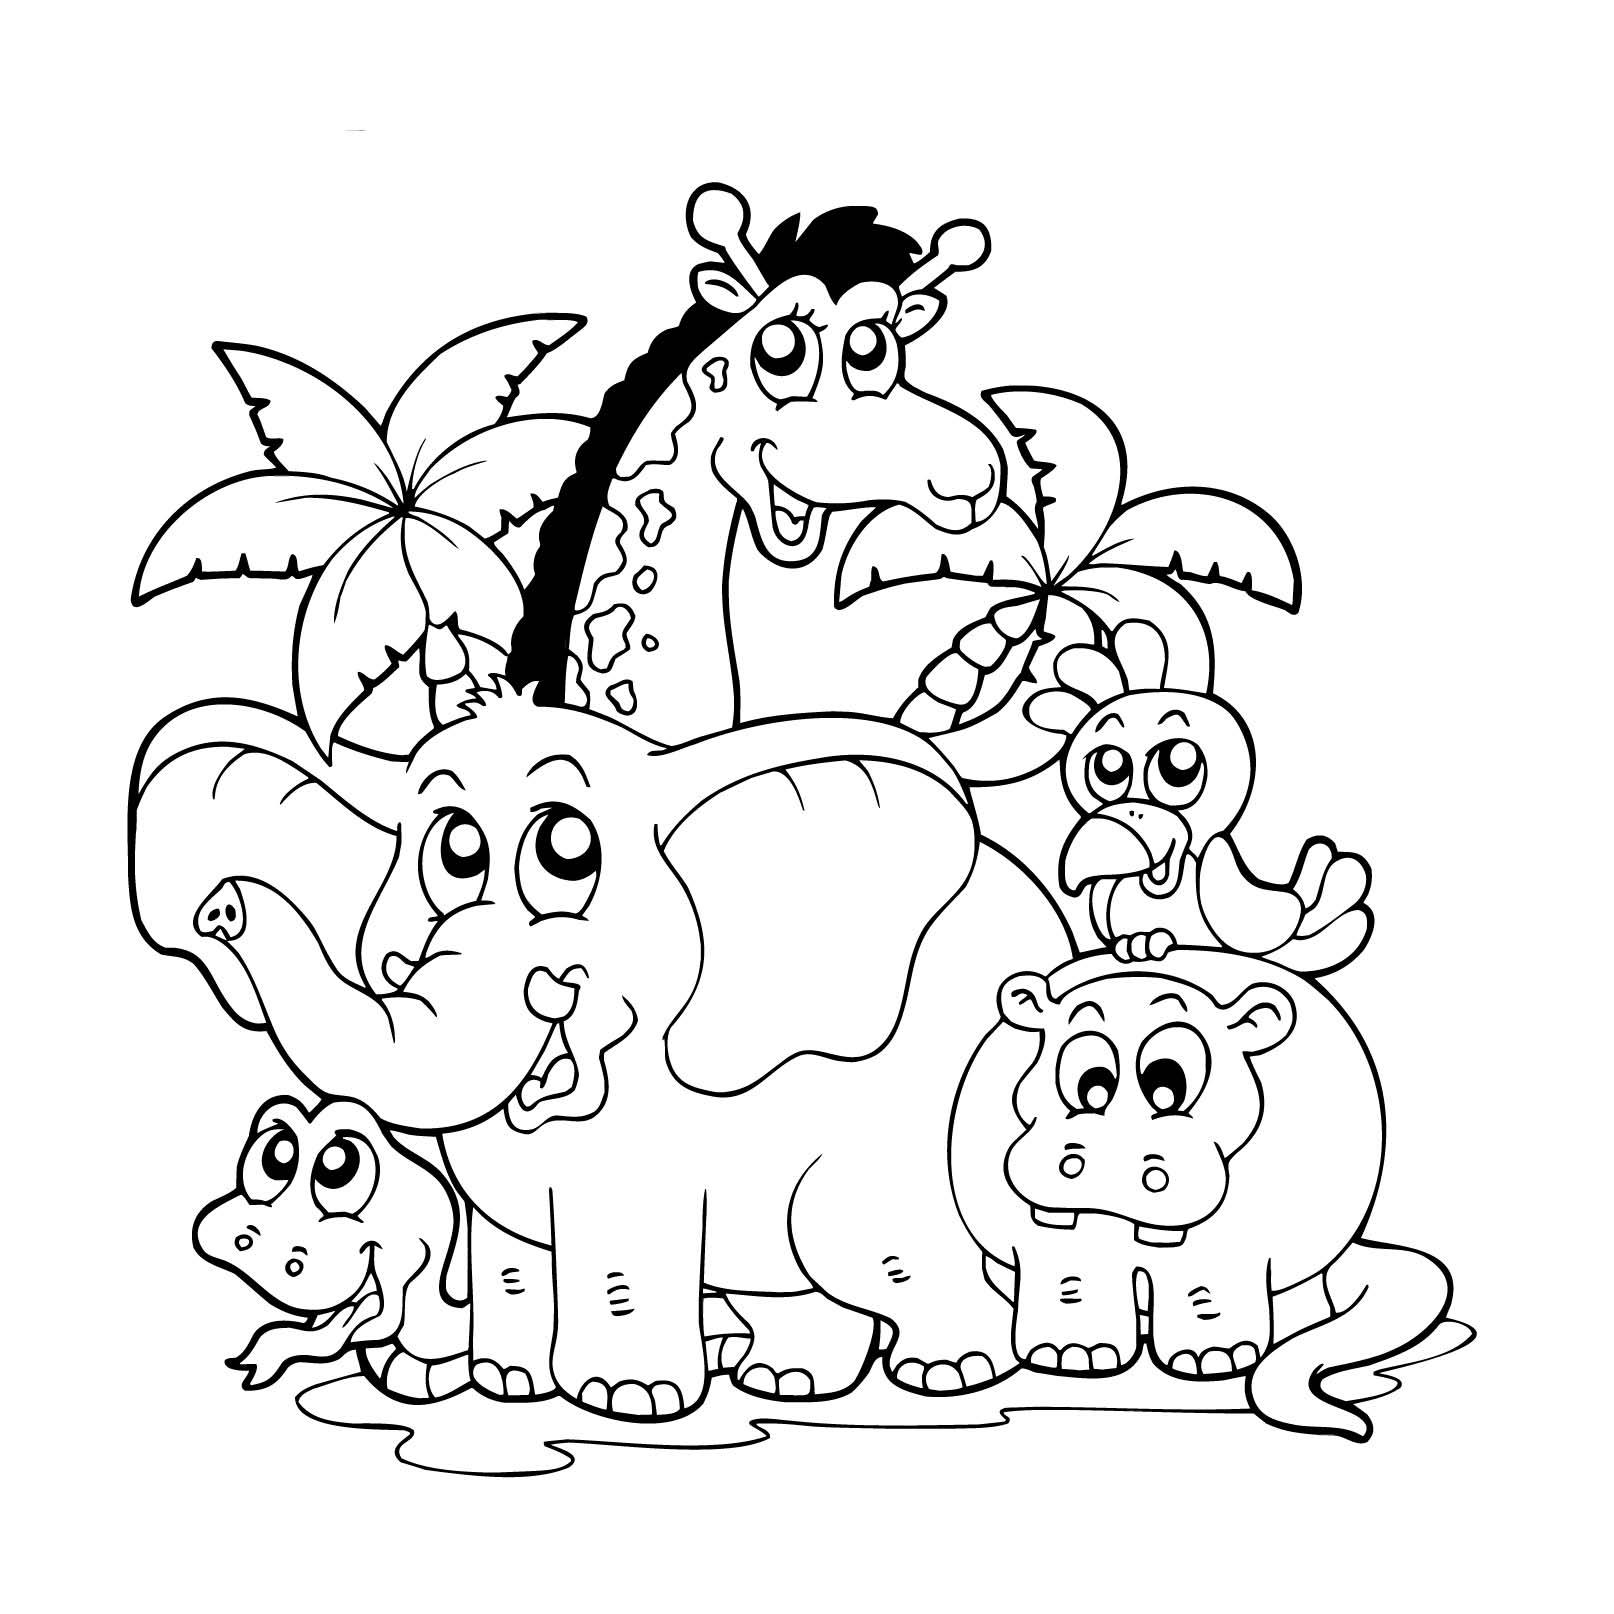 Dzikie Zwierzeta Ksiazki Dla Dzieci Wydawnictwo Dla Dzieci Md